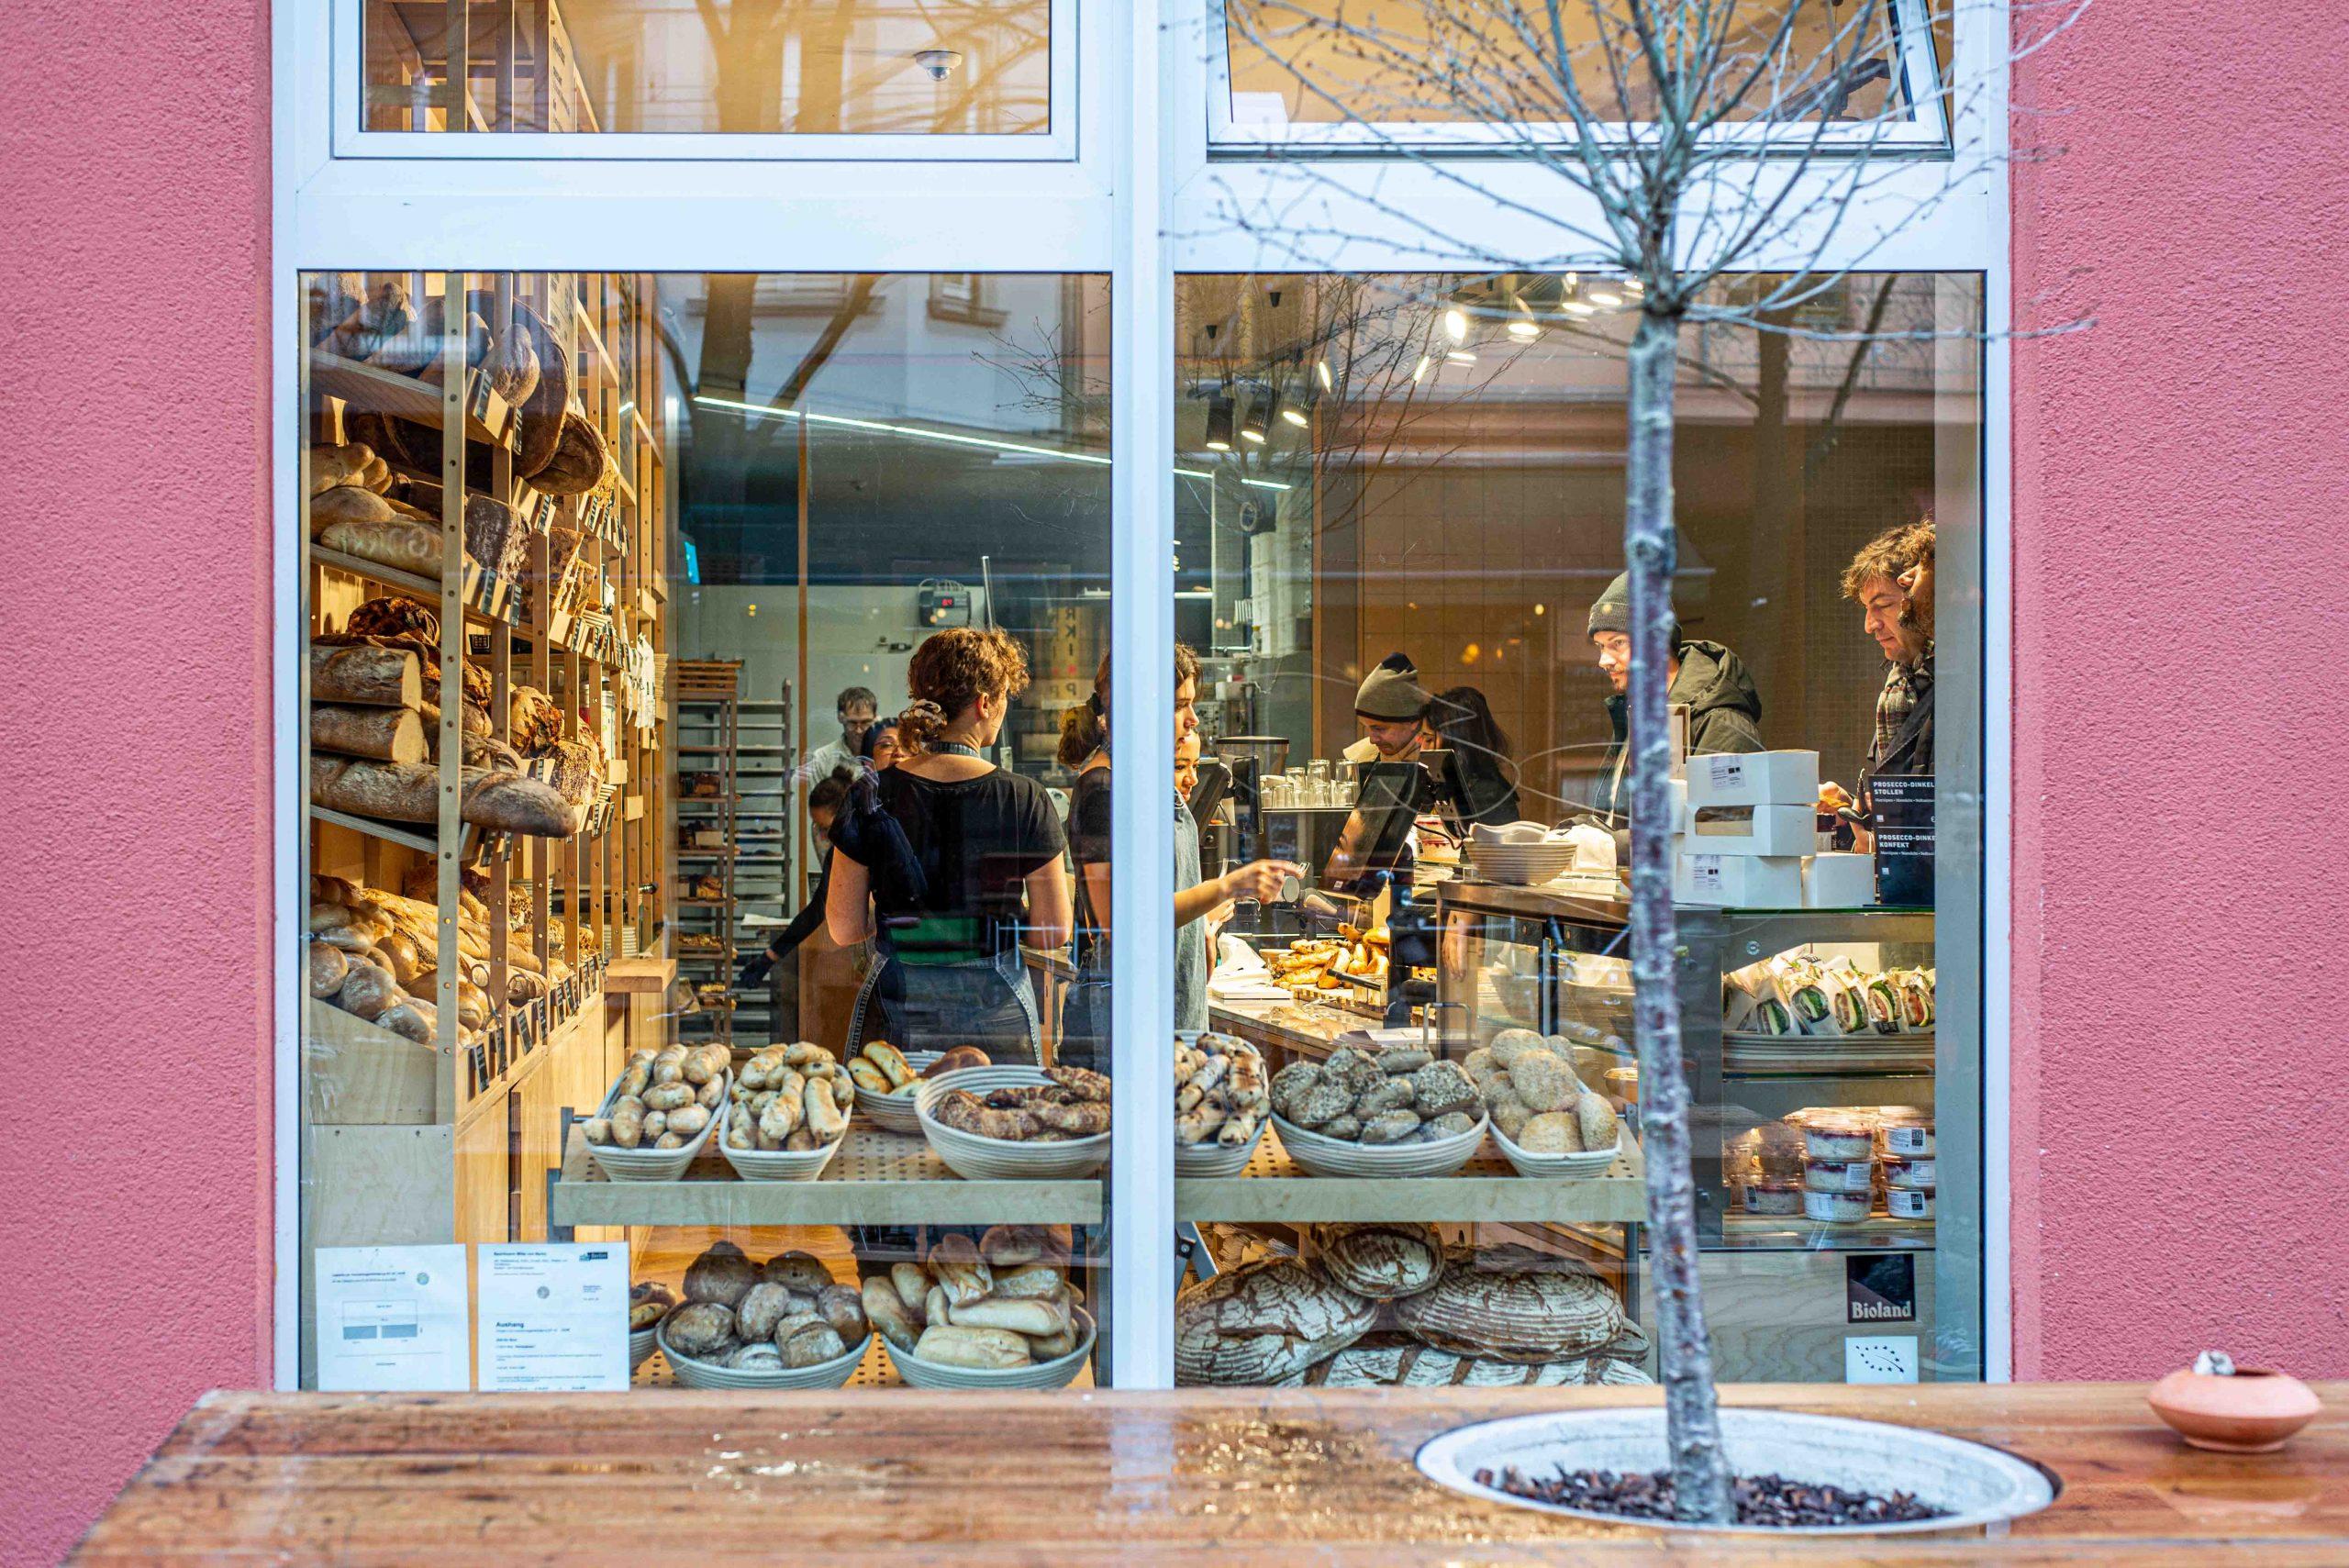 Frühstücken im Zeit für Brot in Berlin Mitte